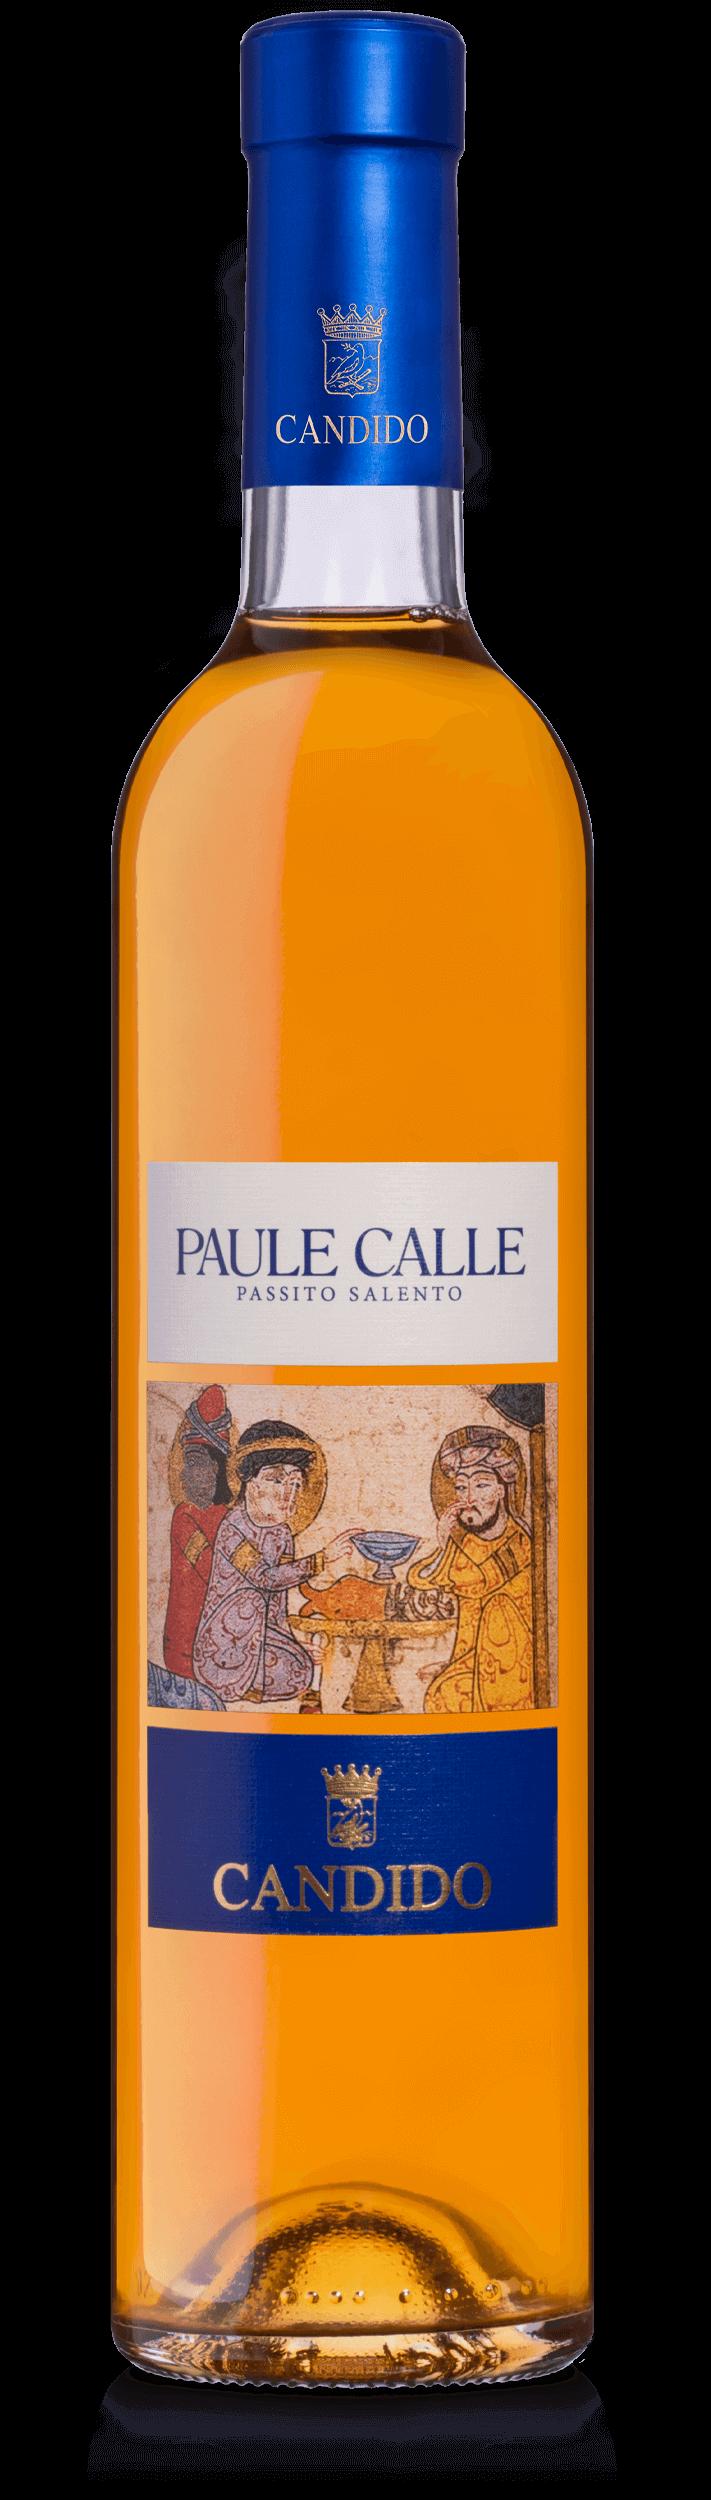 Paule Calle vino passito salentino